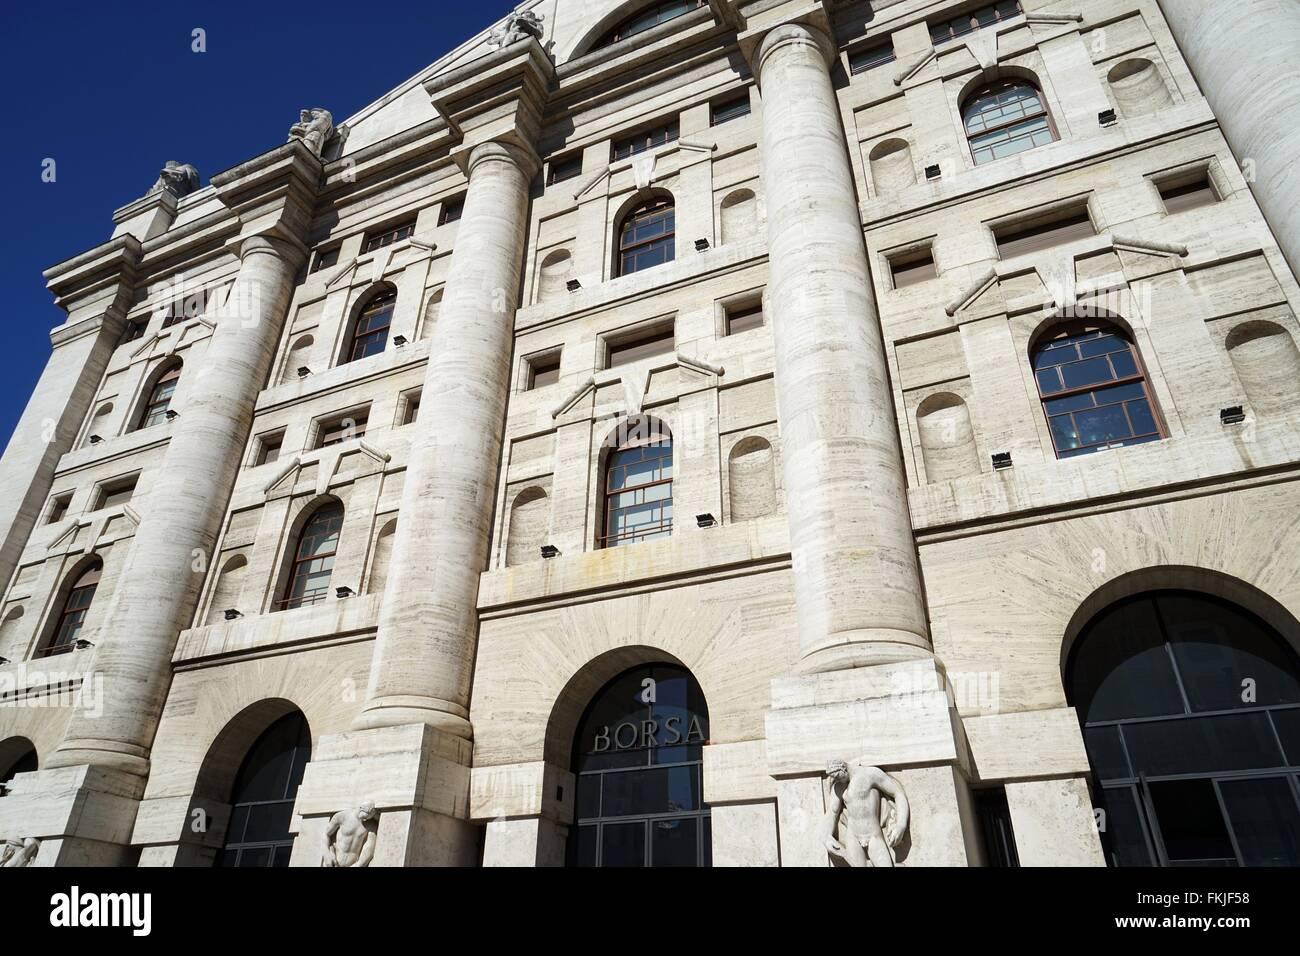 Italy: Italy's main stock exchange 'Borsa Italiana' in Milan. Photo from 03. March 2016. - Stock Image